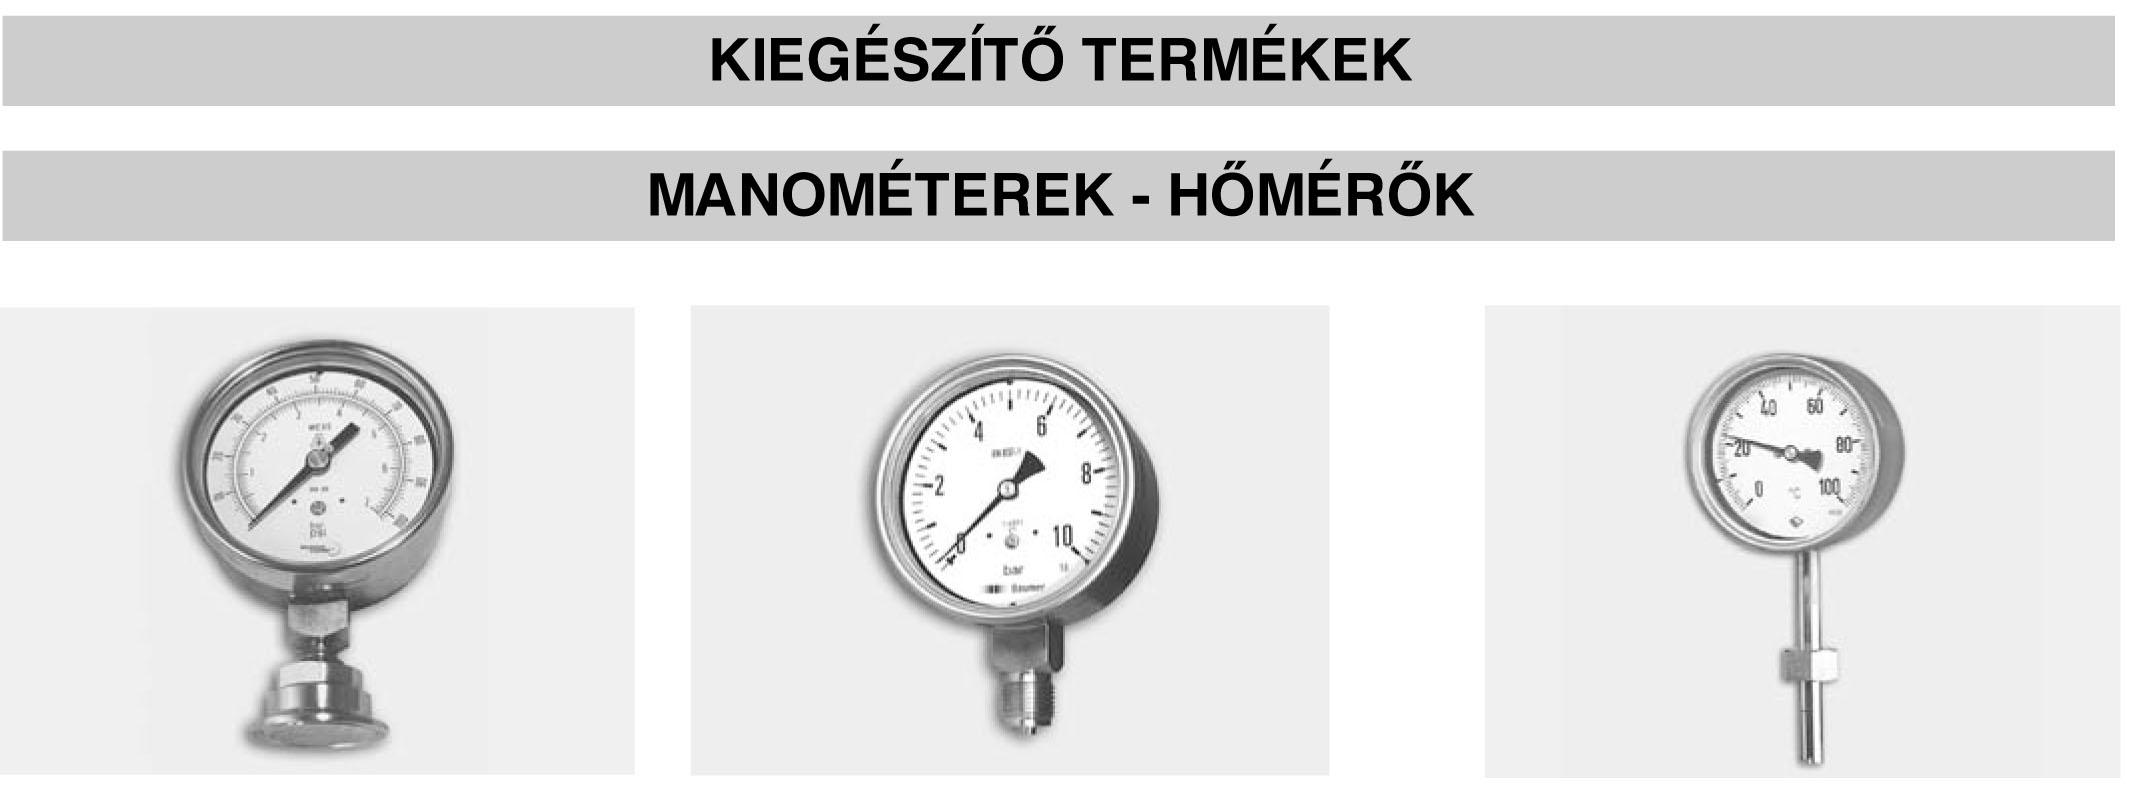 MANOMÉTEREK - HŐMÉRŐK